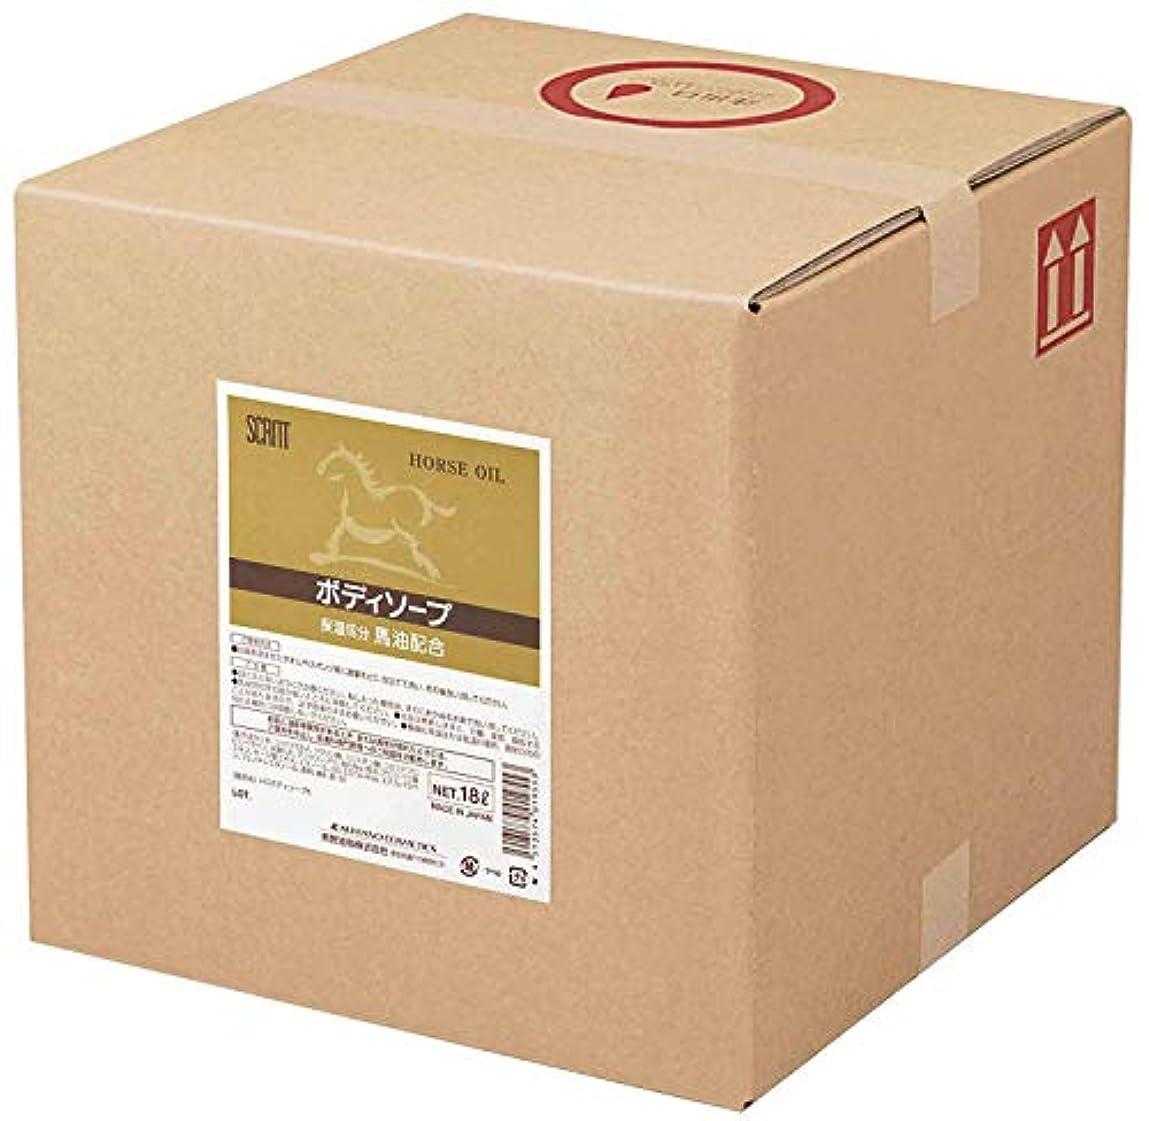 チェリーメカニック共同選択業務用 SCRITT(スクリット) 馬油ボディソープ 18L 熊野油脂 (コック付き)